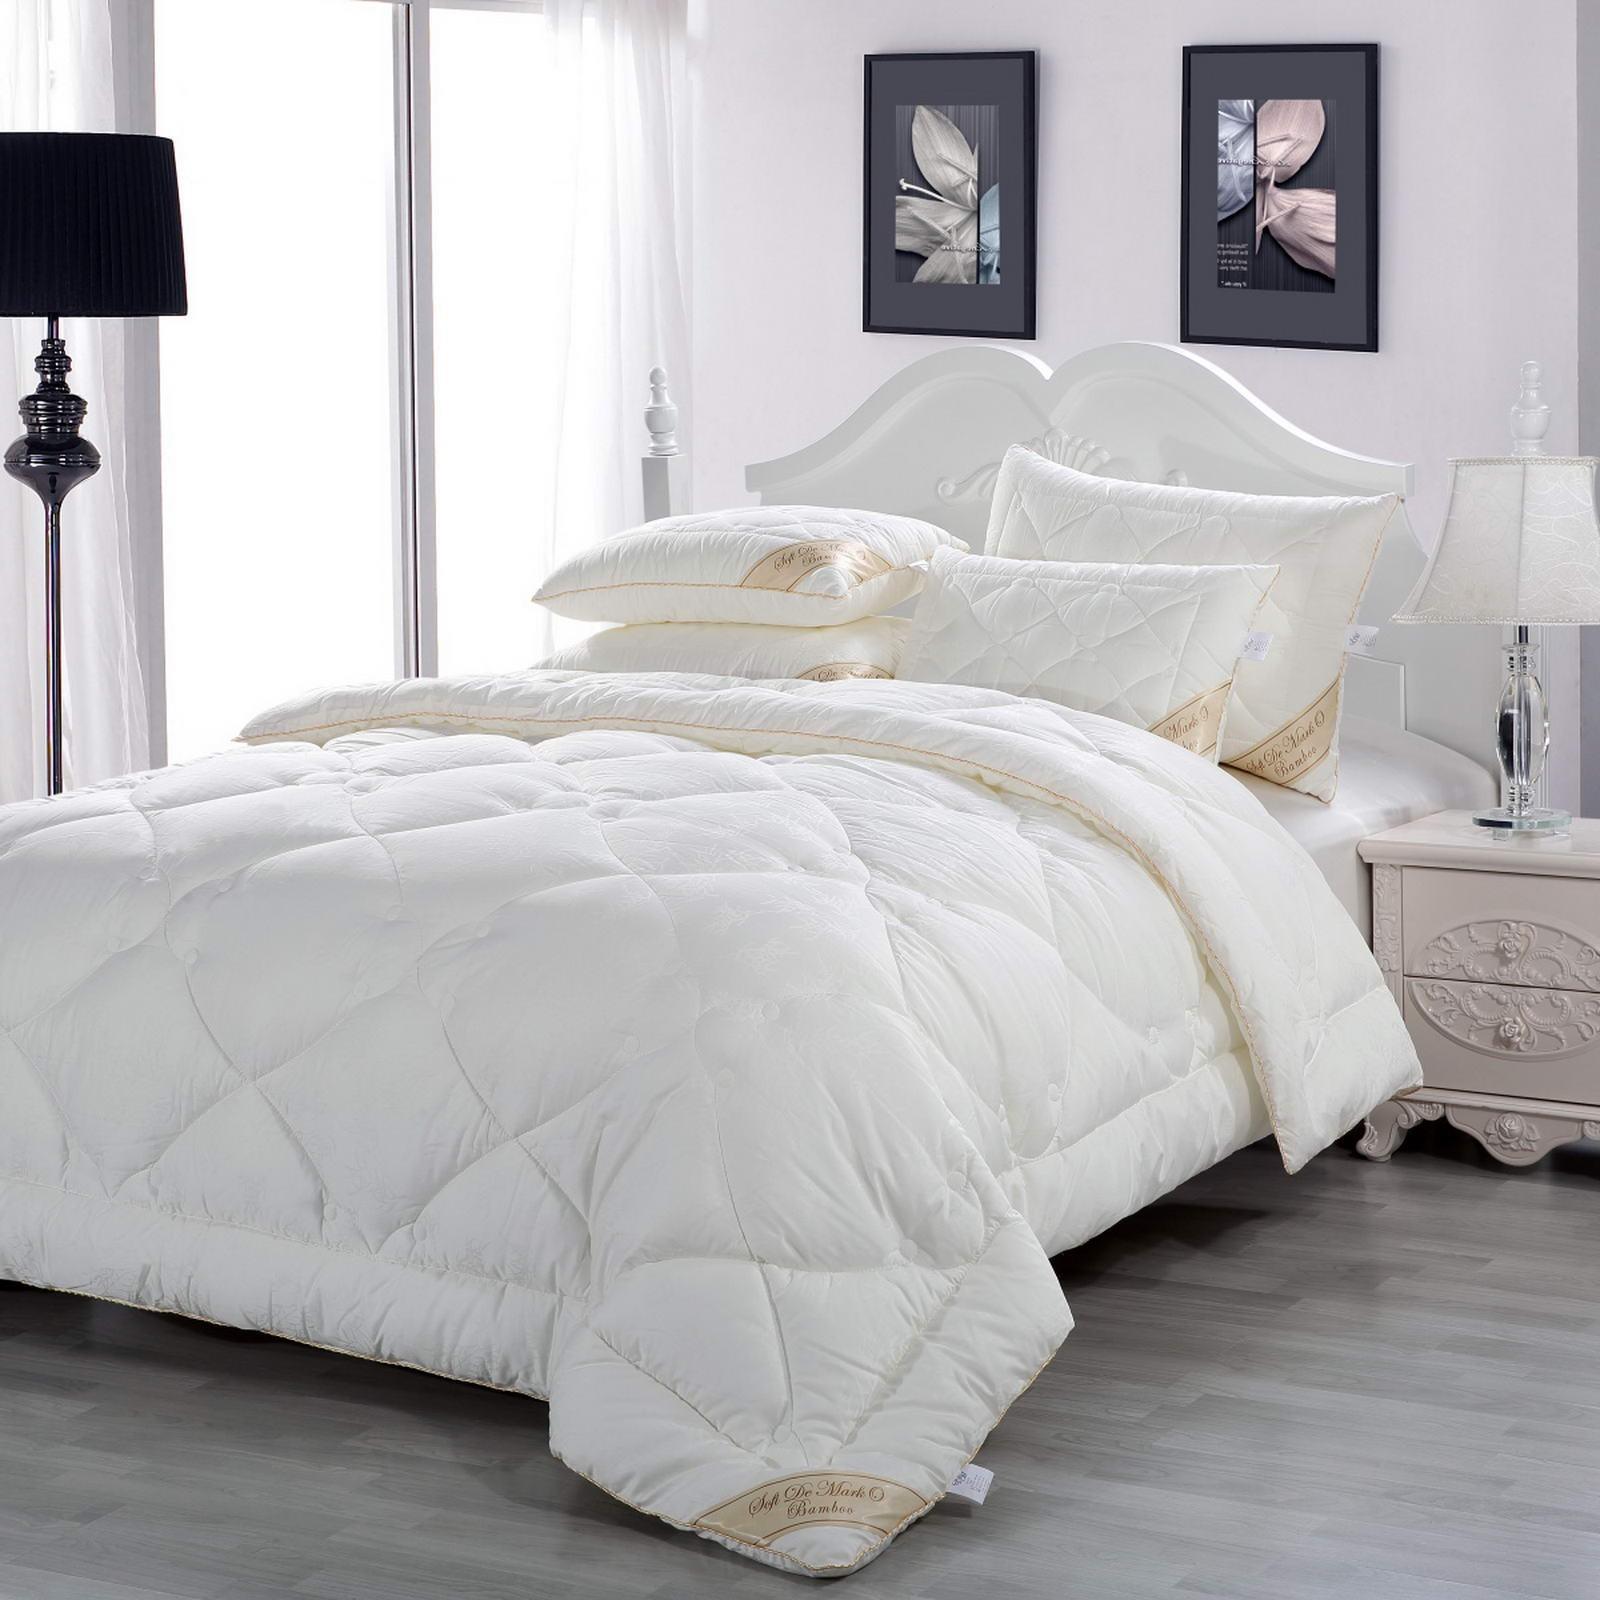 Одеяло Sofi de Marko Бамбук Люкс, белый